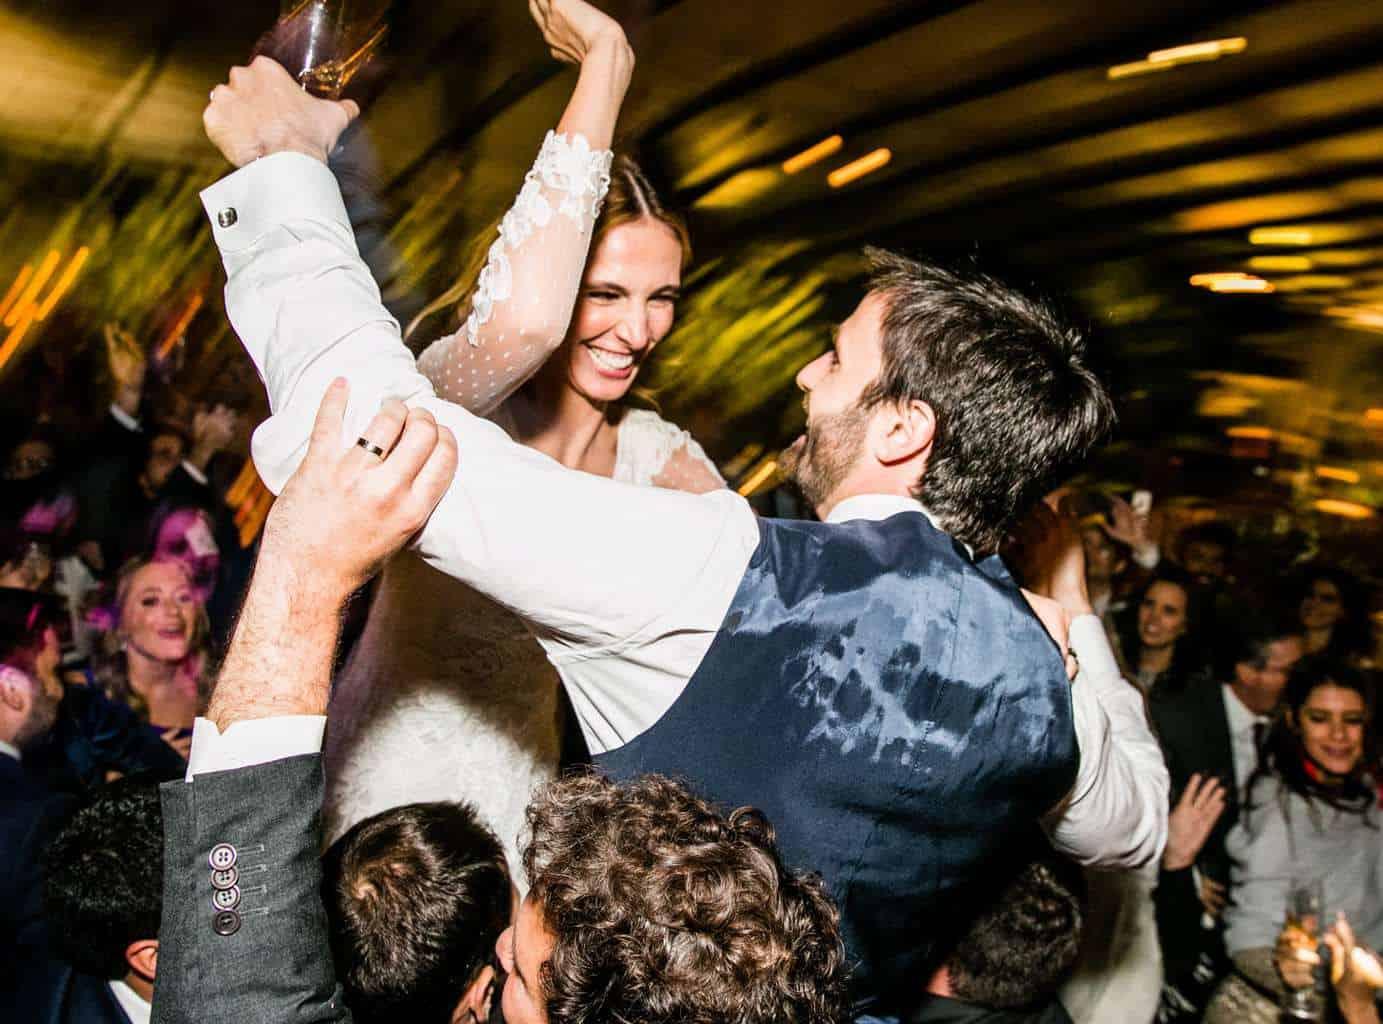 casamento-Camila-e-Diogo-casamento-na-fazenda-casamento-na-serra-casamento-romântico-destination-wedding-Fazenda-Santo-Antonio-festa-Fotografia-Rodrigo-Sack-90